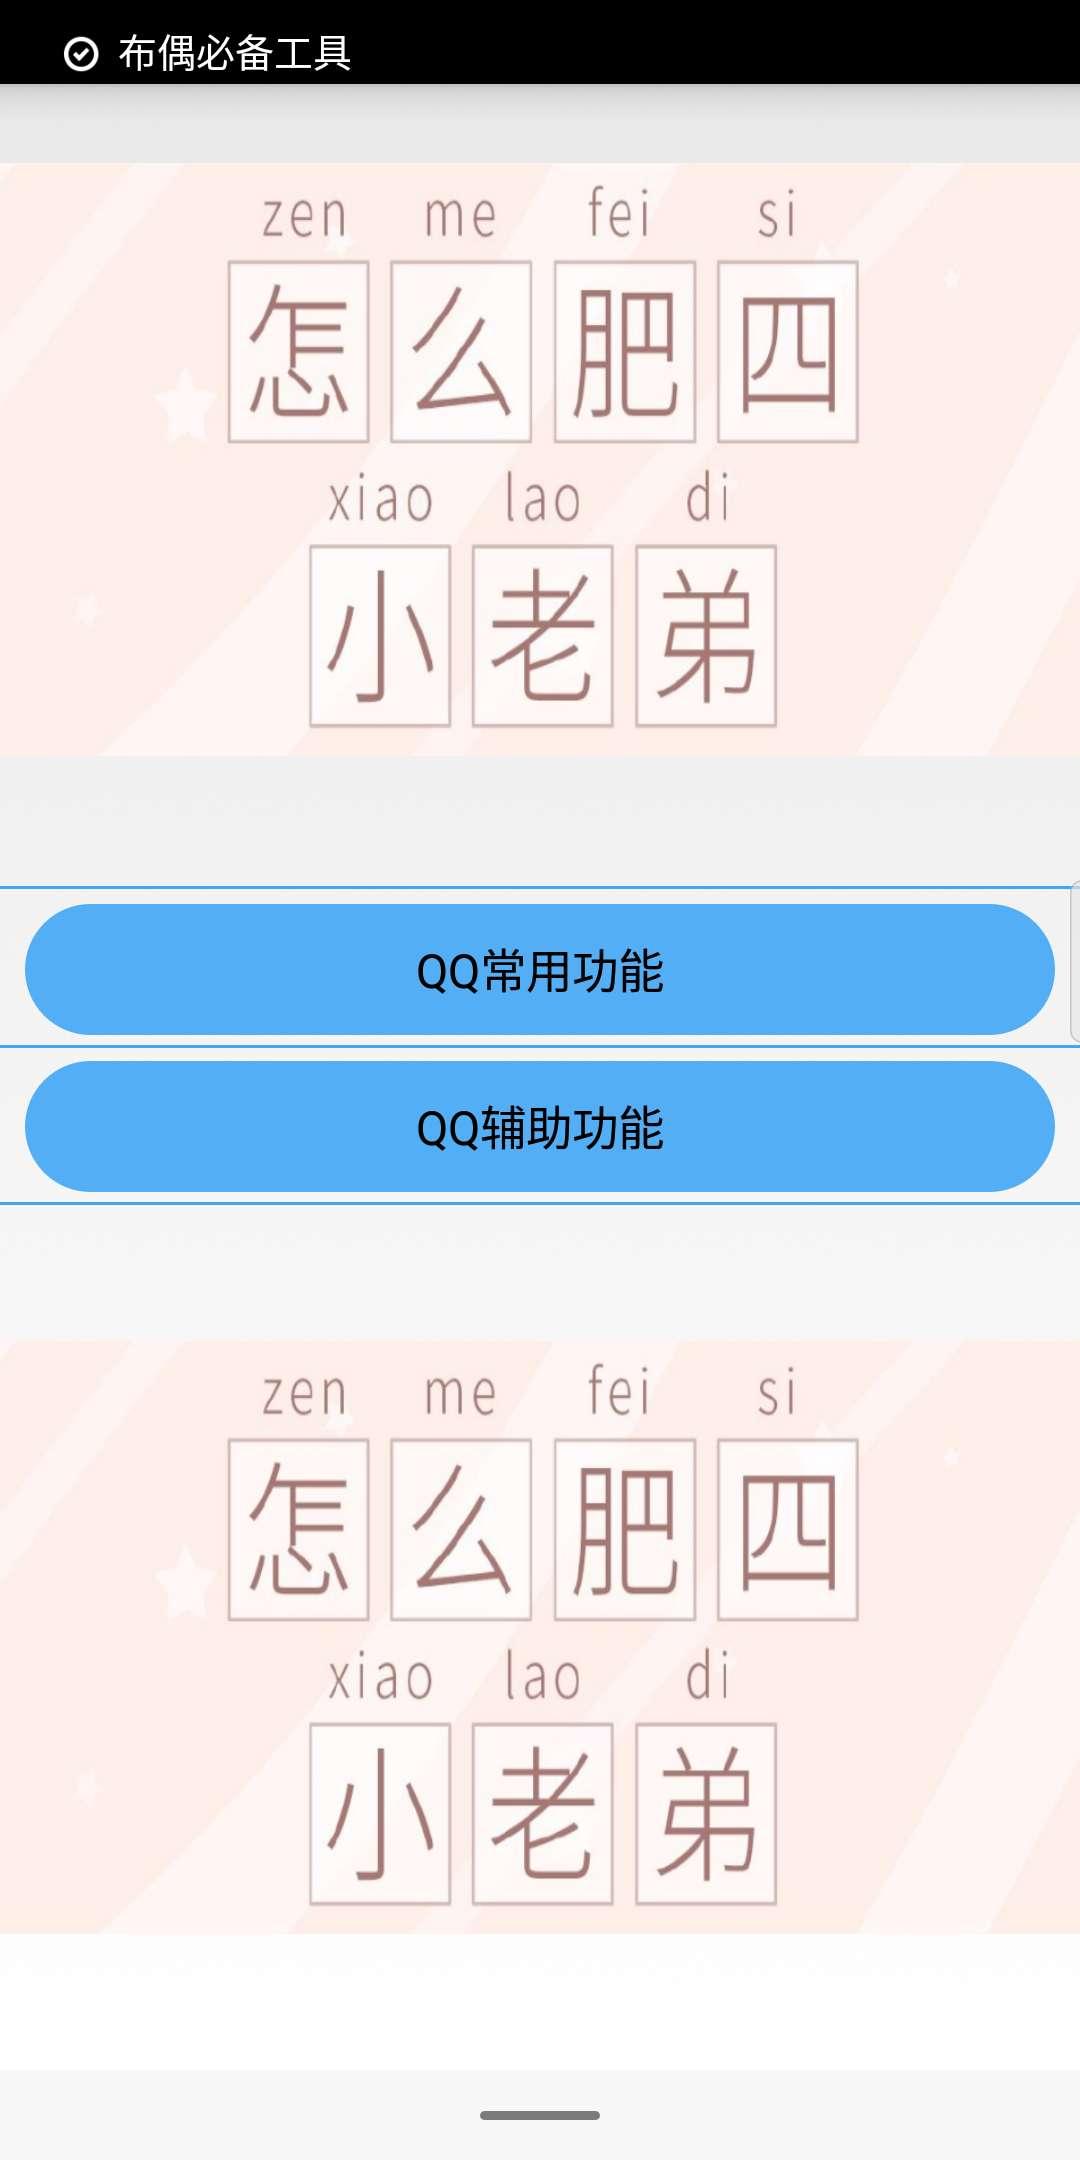 布偶必备工具V5.5 ( QQ闪照破解 透明头像免会员)